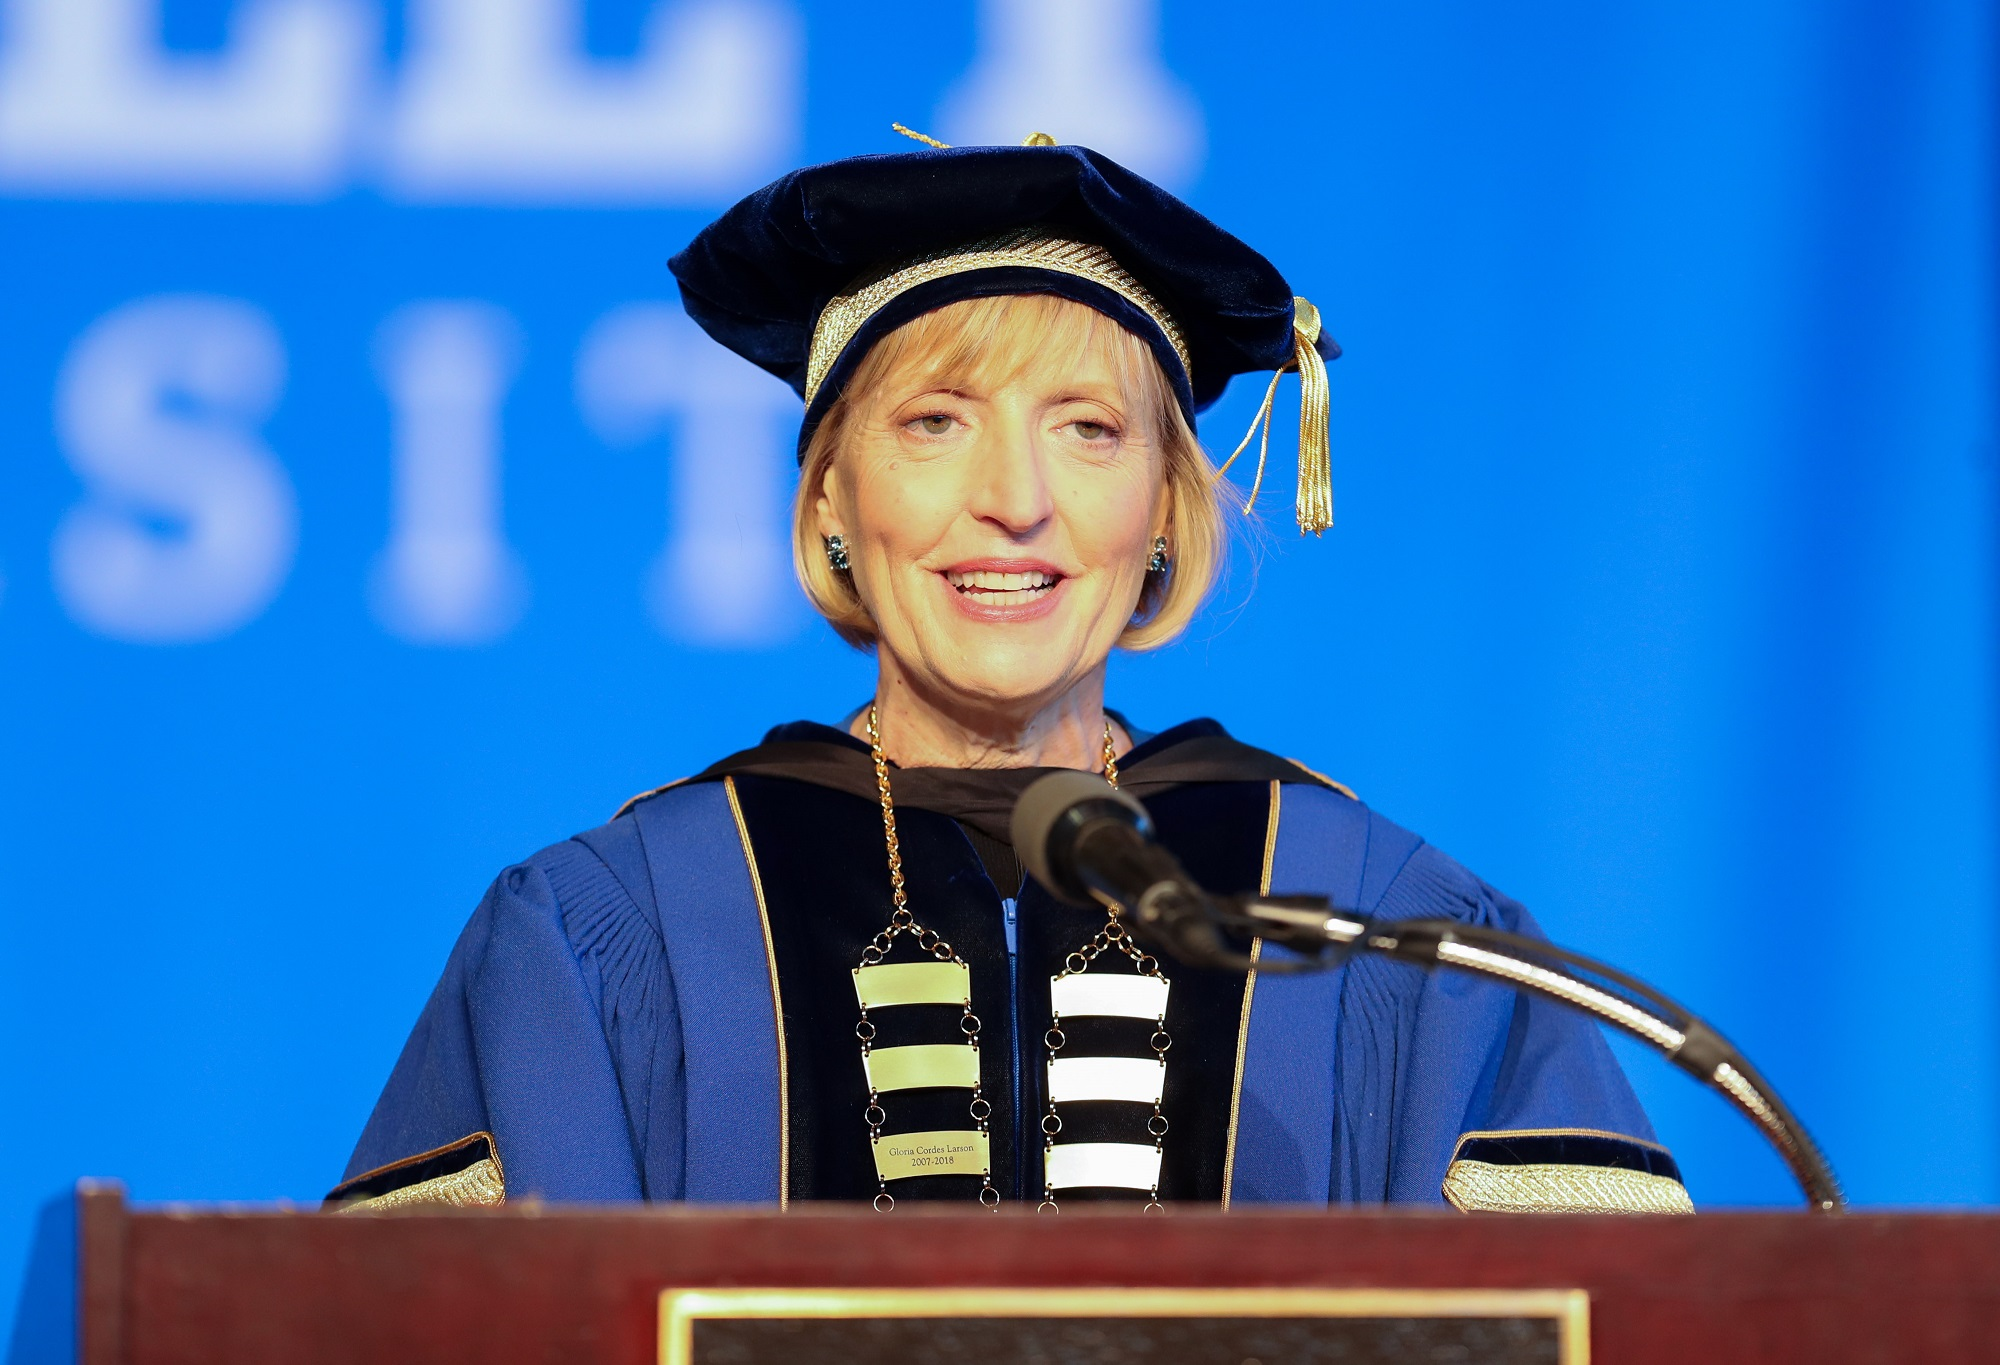 President Davis-Blake speaking at inauguration